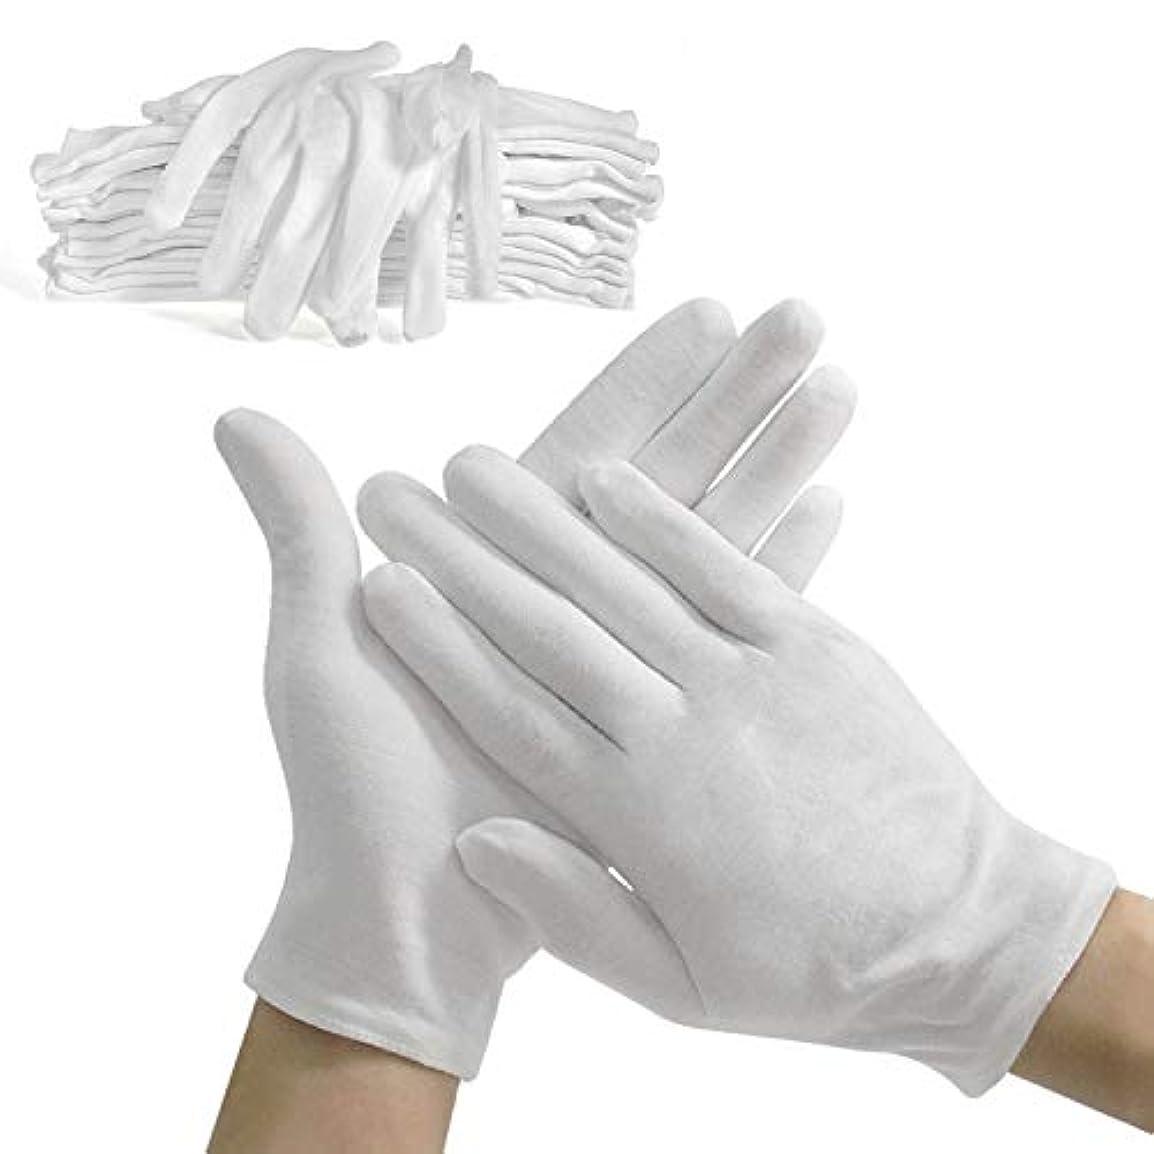 衣類請願者脚本使い捨て 手袋 コットン手袋 綿手袋 手荒れ 純綿100% 使い捨て 白手袋 薄手 お休み 湿疹 乾燥肌 保湿 礼装用 メンズ 手袋 レディース (XL,梱包数量100組(200)) (XL,梱包数量100組(200))